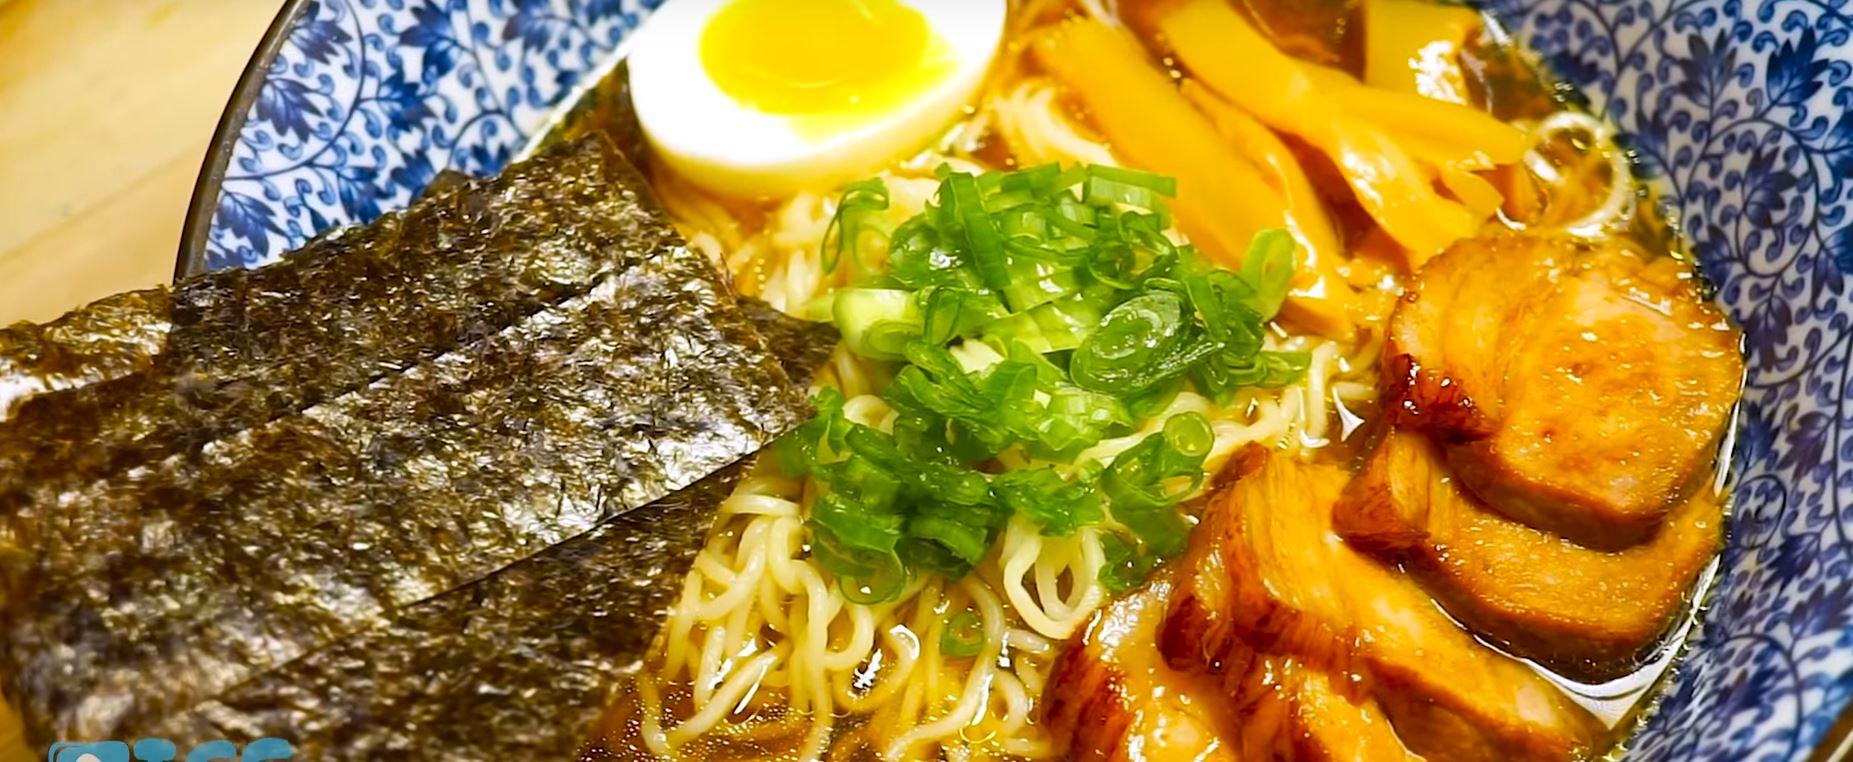 ramen toppings plato completo tradicional japonés